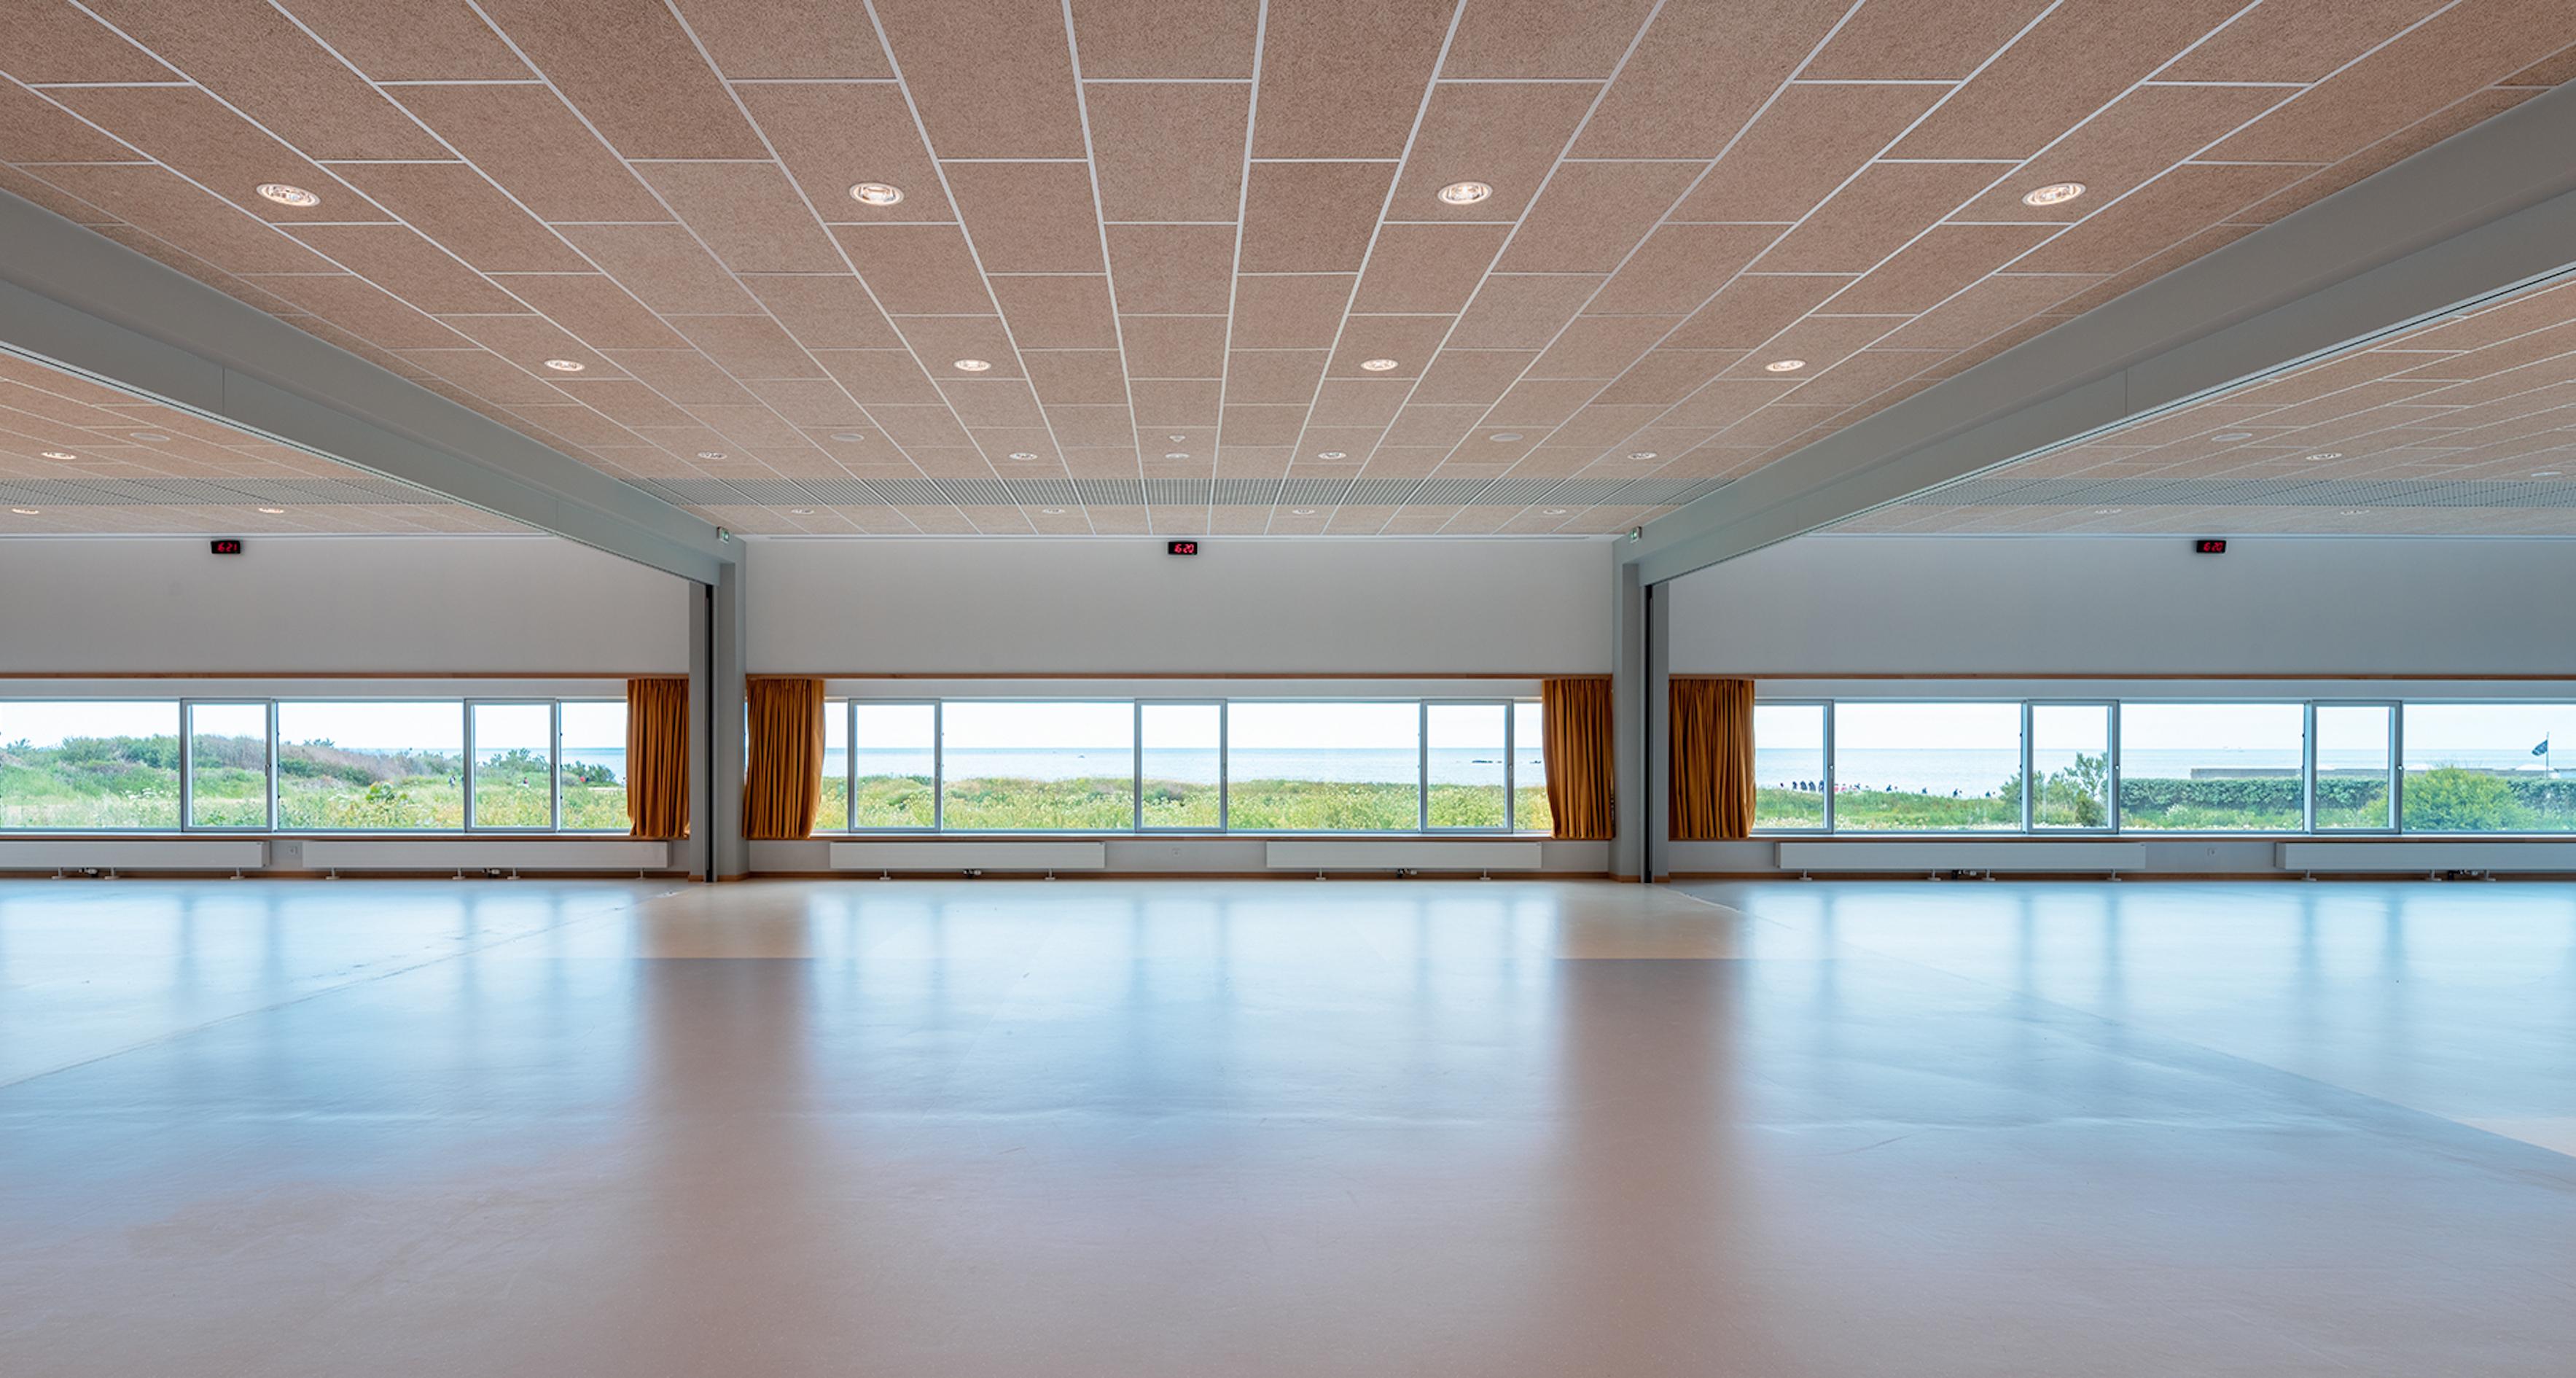 B CLSH 10 - Centre de loisirs sans hébergement – Tourlaville